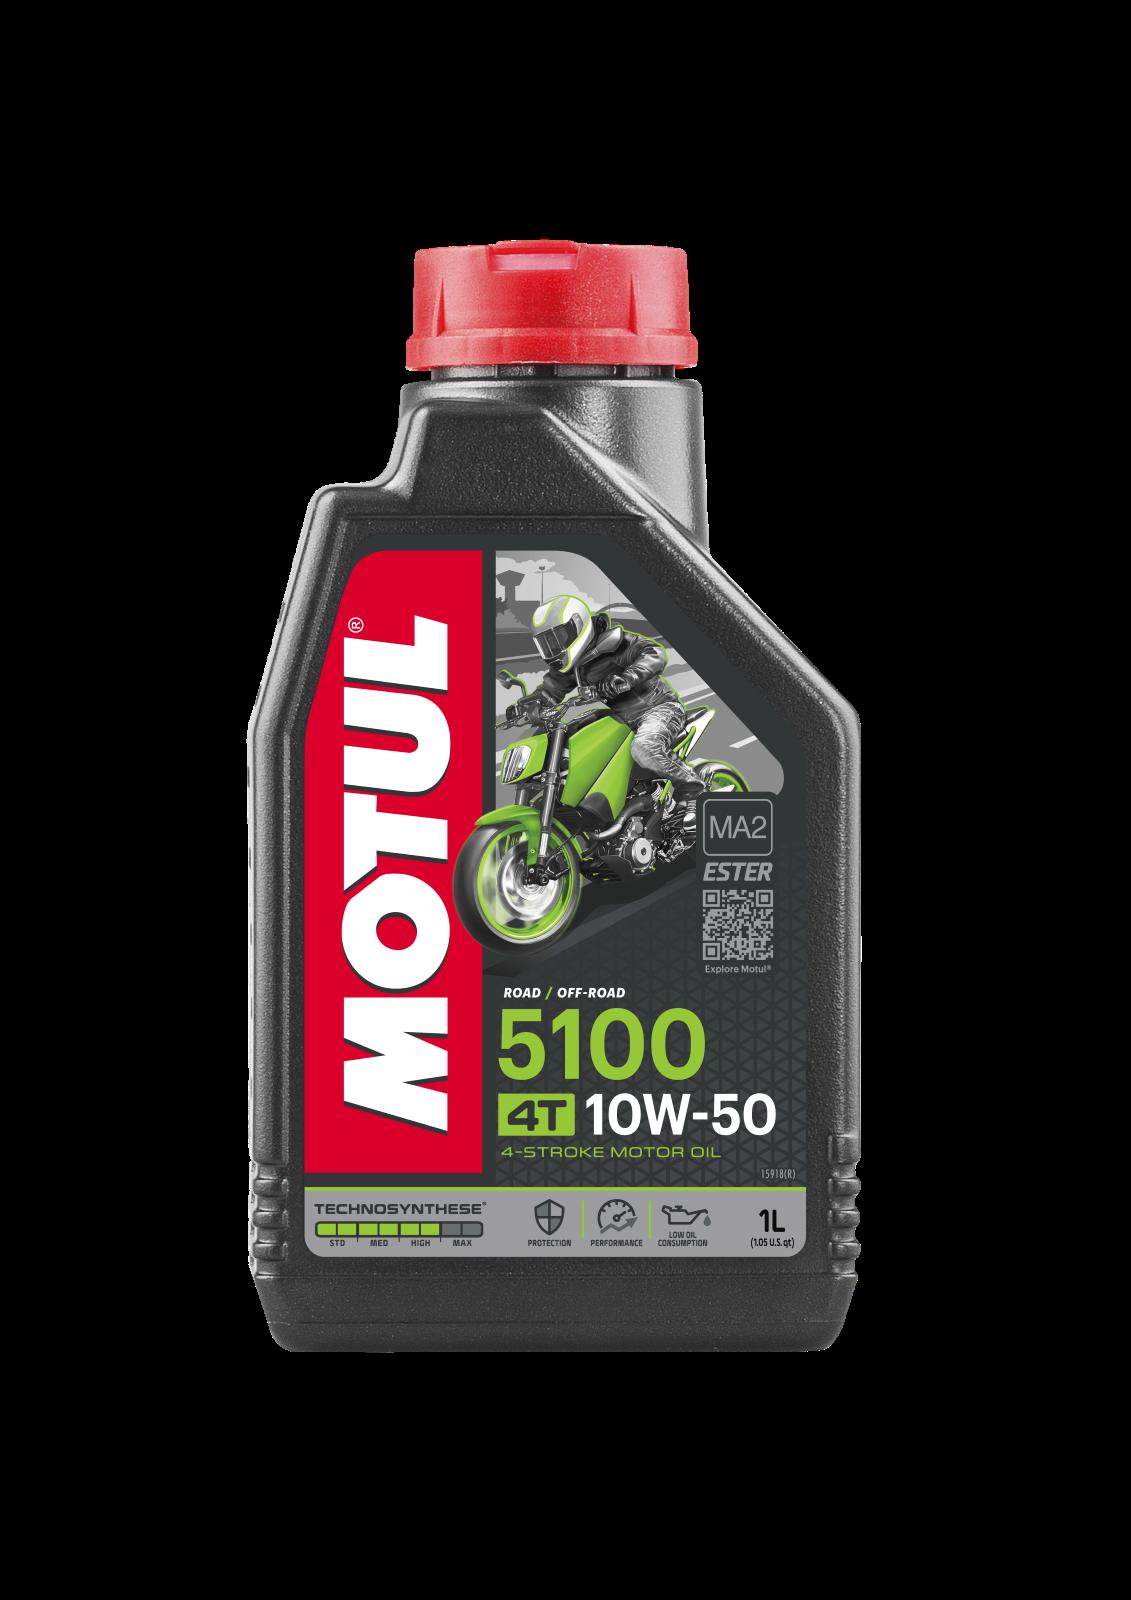 MOTUL AG MOTUL 5100 4T 10W-50 1L